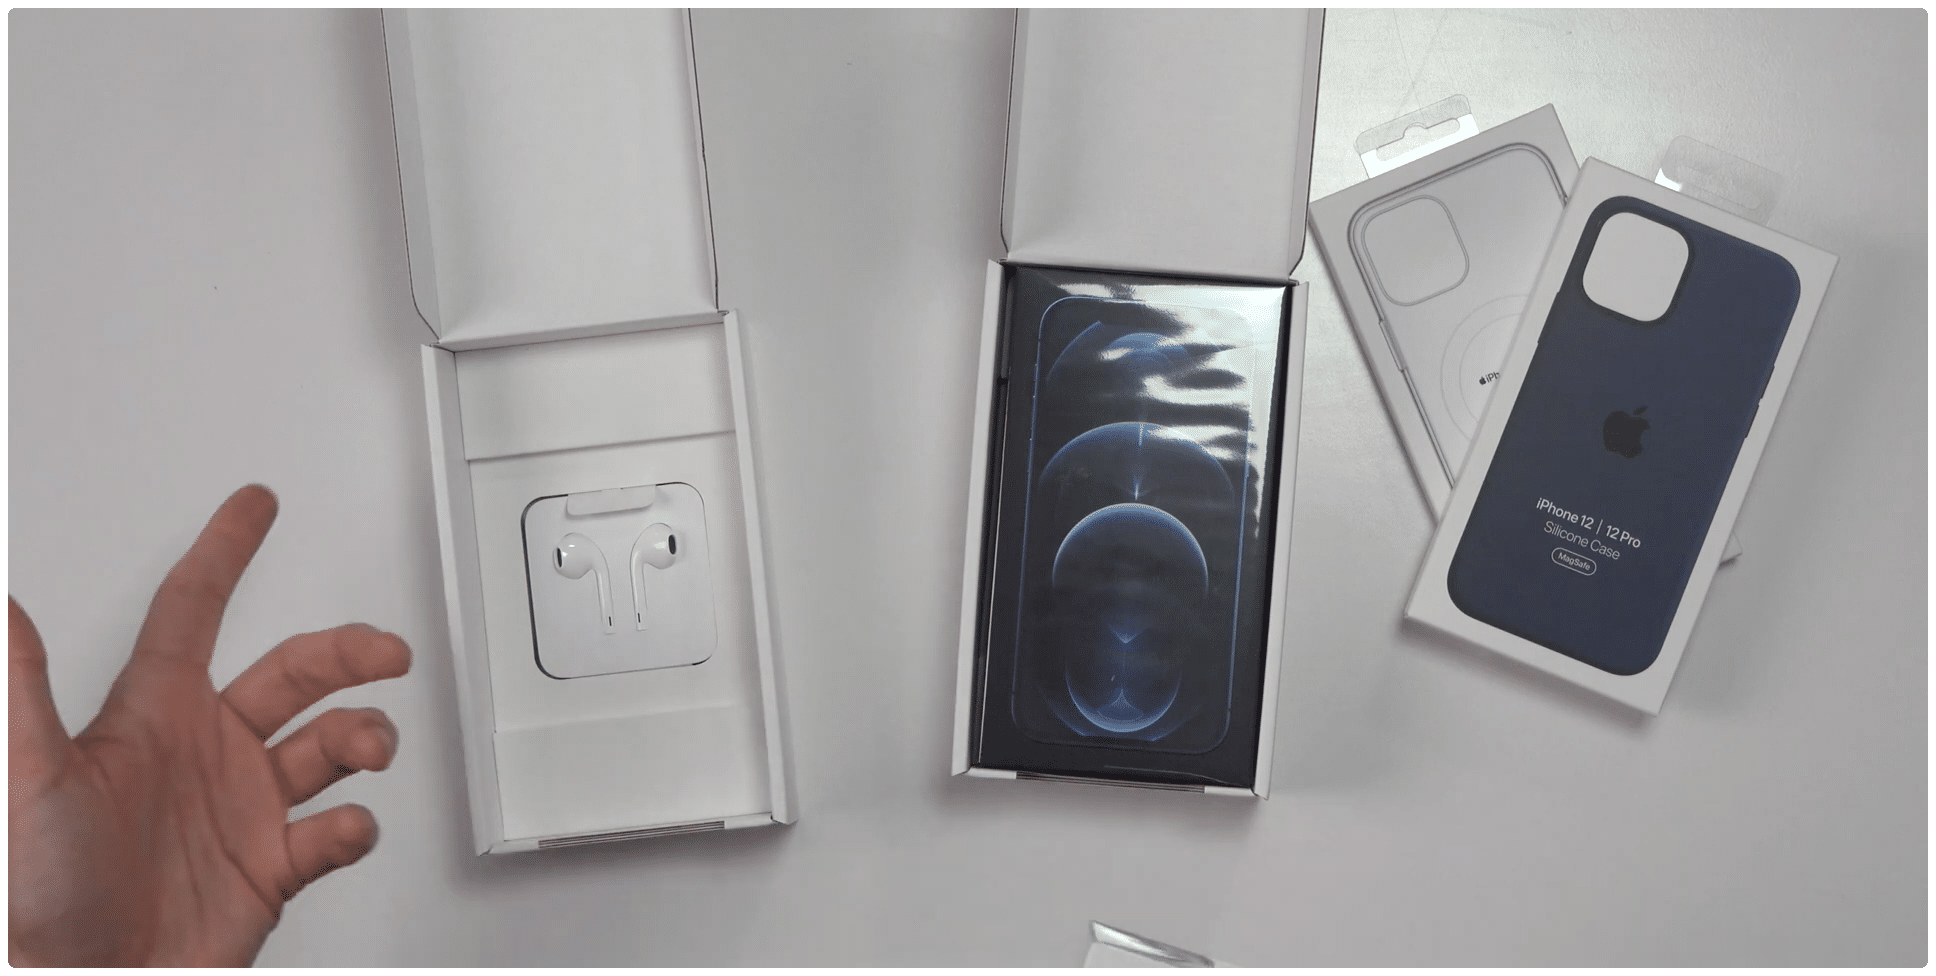 iPhones vendidos na França com duas caixas — uma para os EarPods